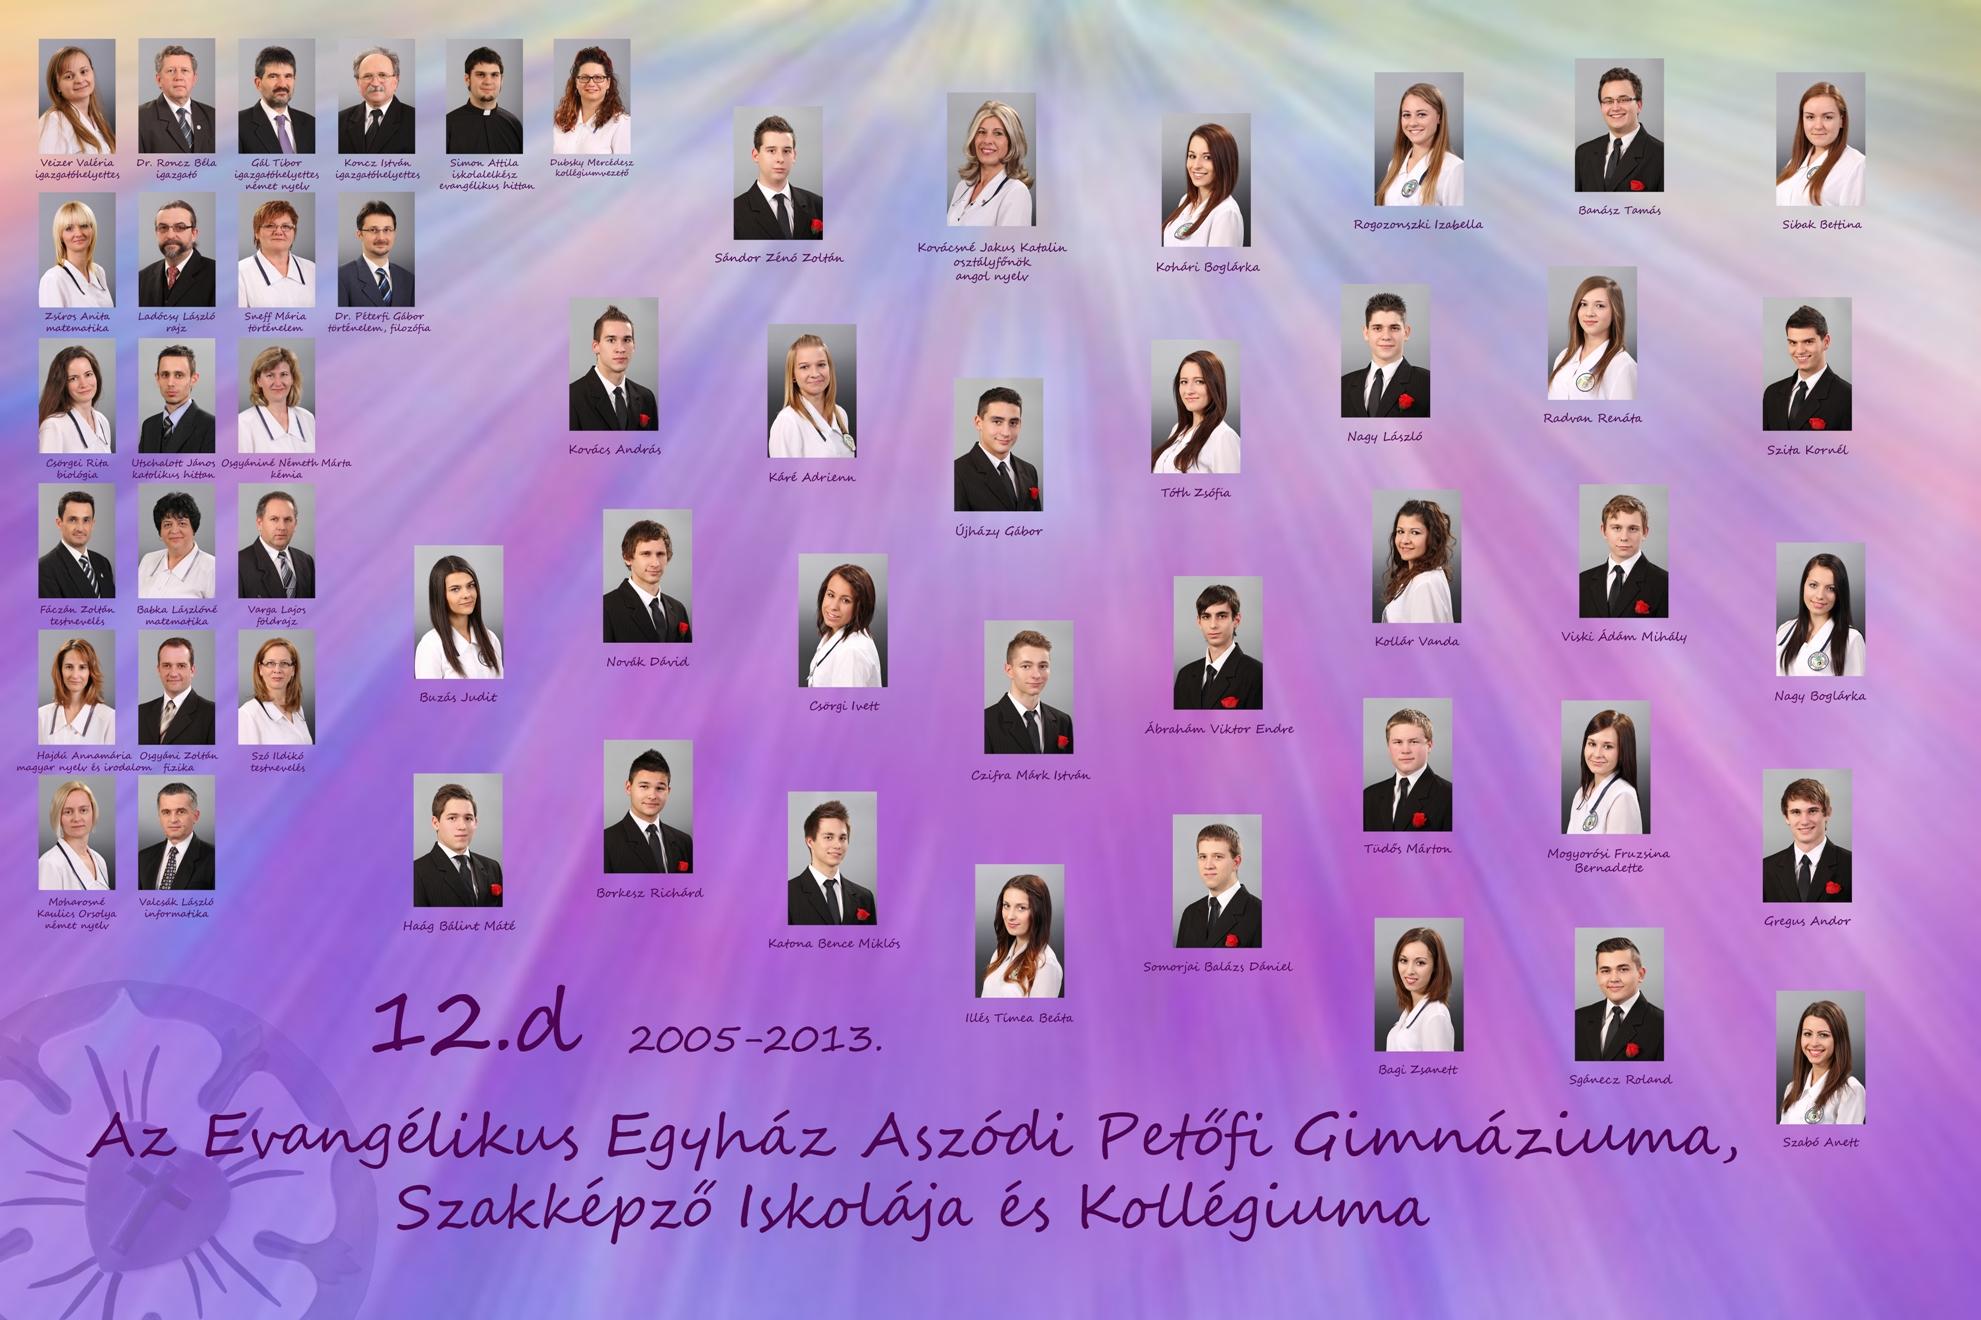 12.d tabló 2005-2013k